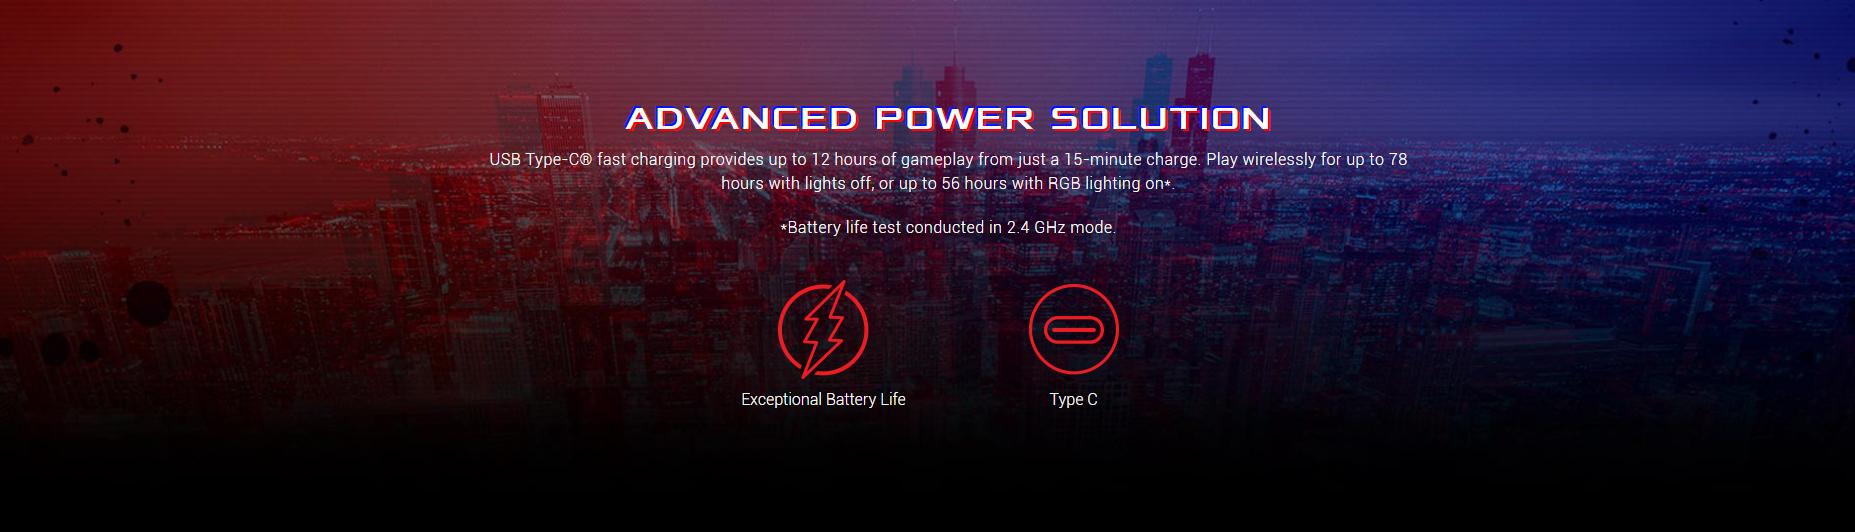 Chuột không dây Asus ROG Keris (USB/RGB/màu đen) có thời lượng pin cao và sạc nhanh